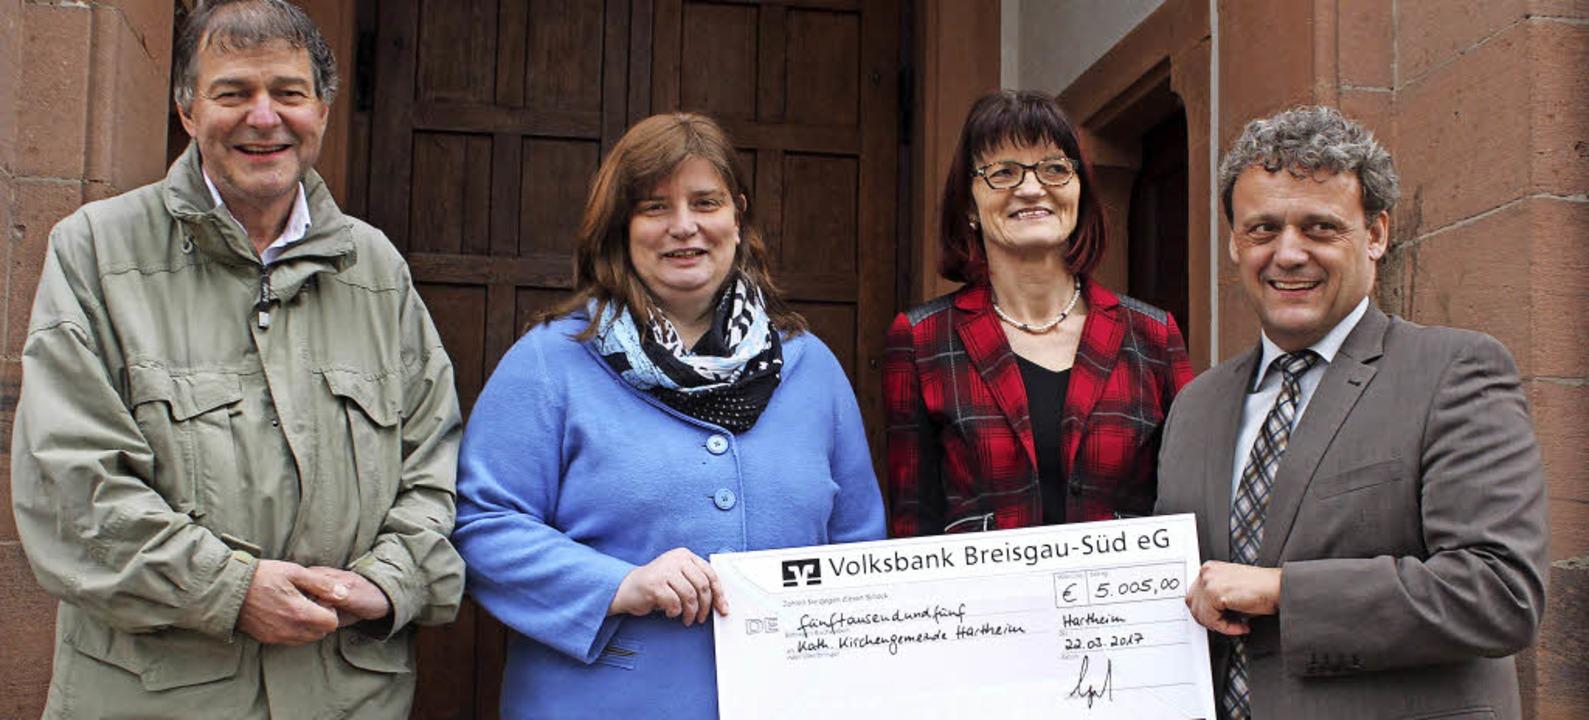 Freude über den  Scheck  (von links): ...hristiana Schmidt und Matthias Engist     Foto: Otmar Faller